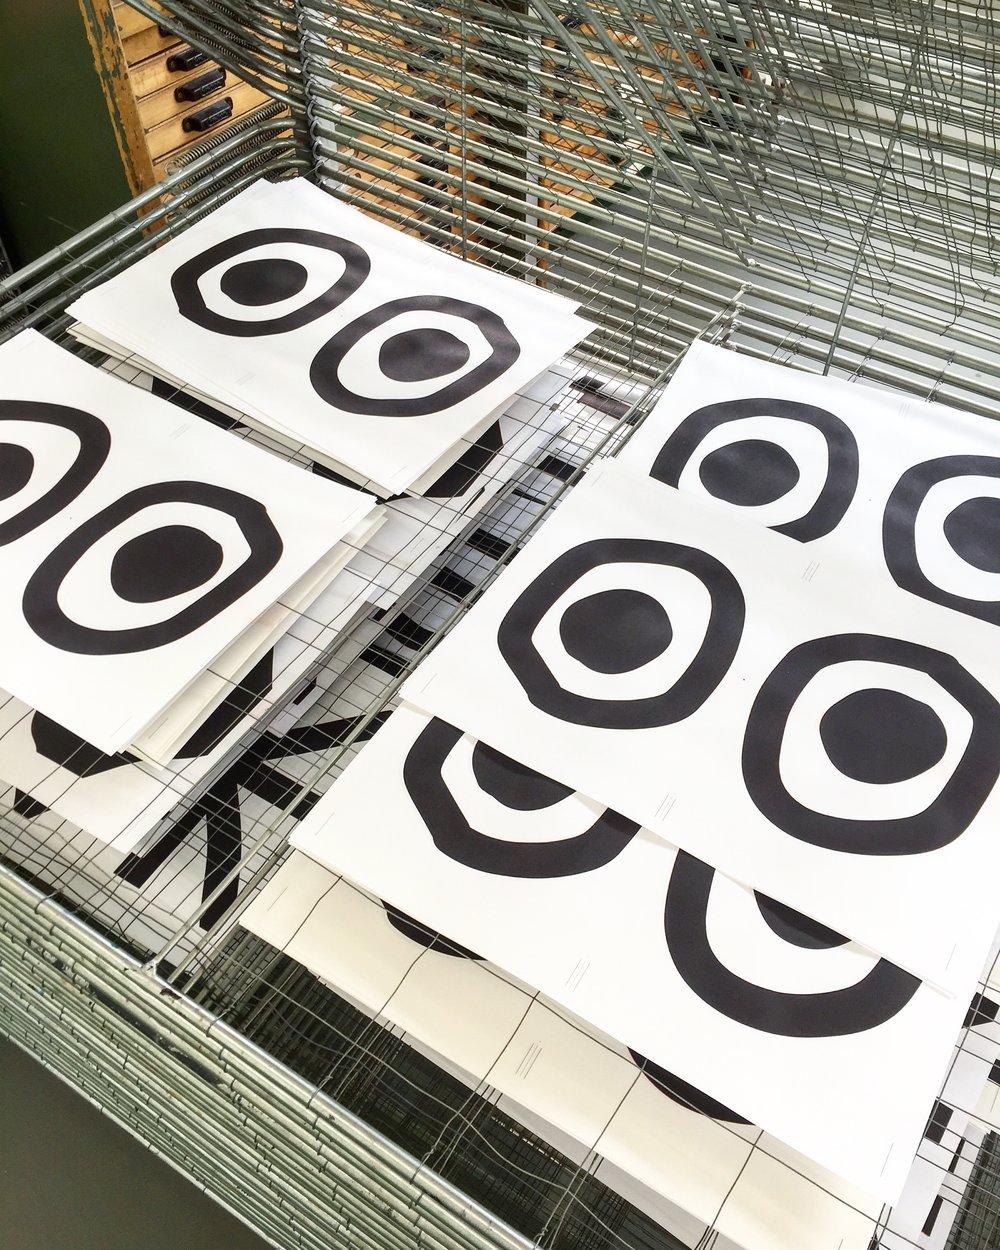 Black, 2016 Printed at the Charles Nypels Lab, Jan Van Eyck Academy, Maastricht